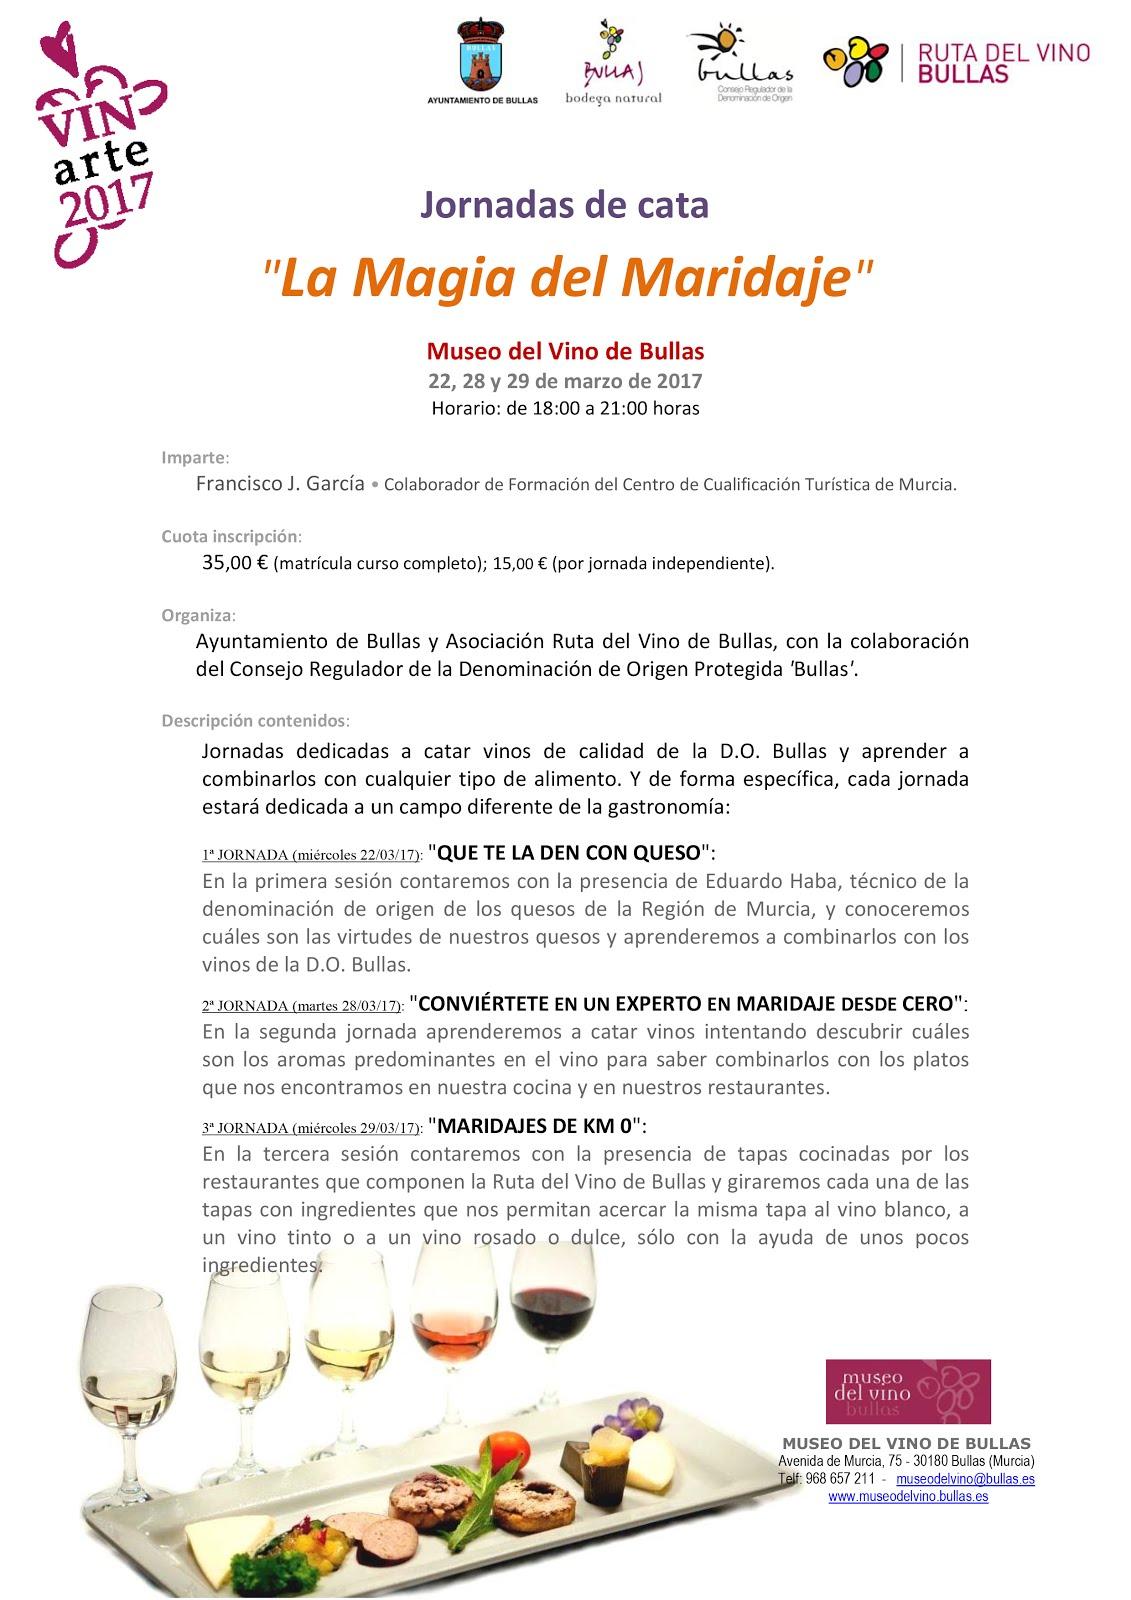 """Jornadas de cata """"La Magia del Maridaje"""" del Museo del Vino de Bullas"""